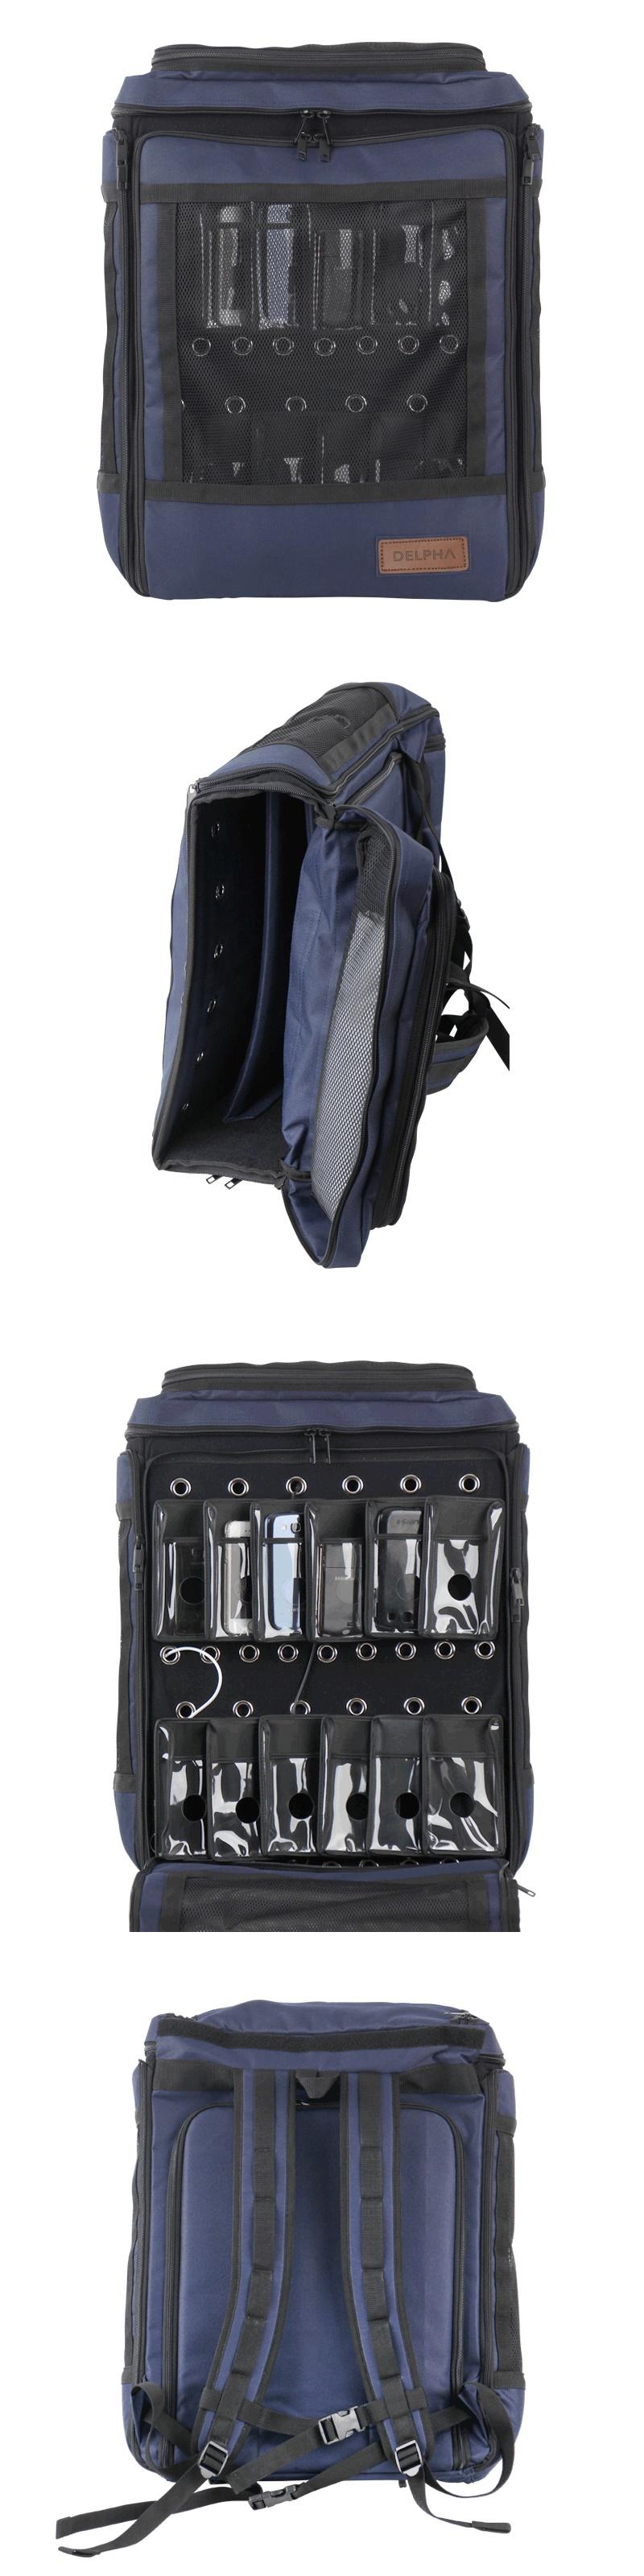 통신장비 백팩 DP-EB07